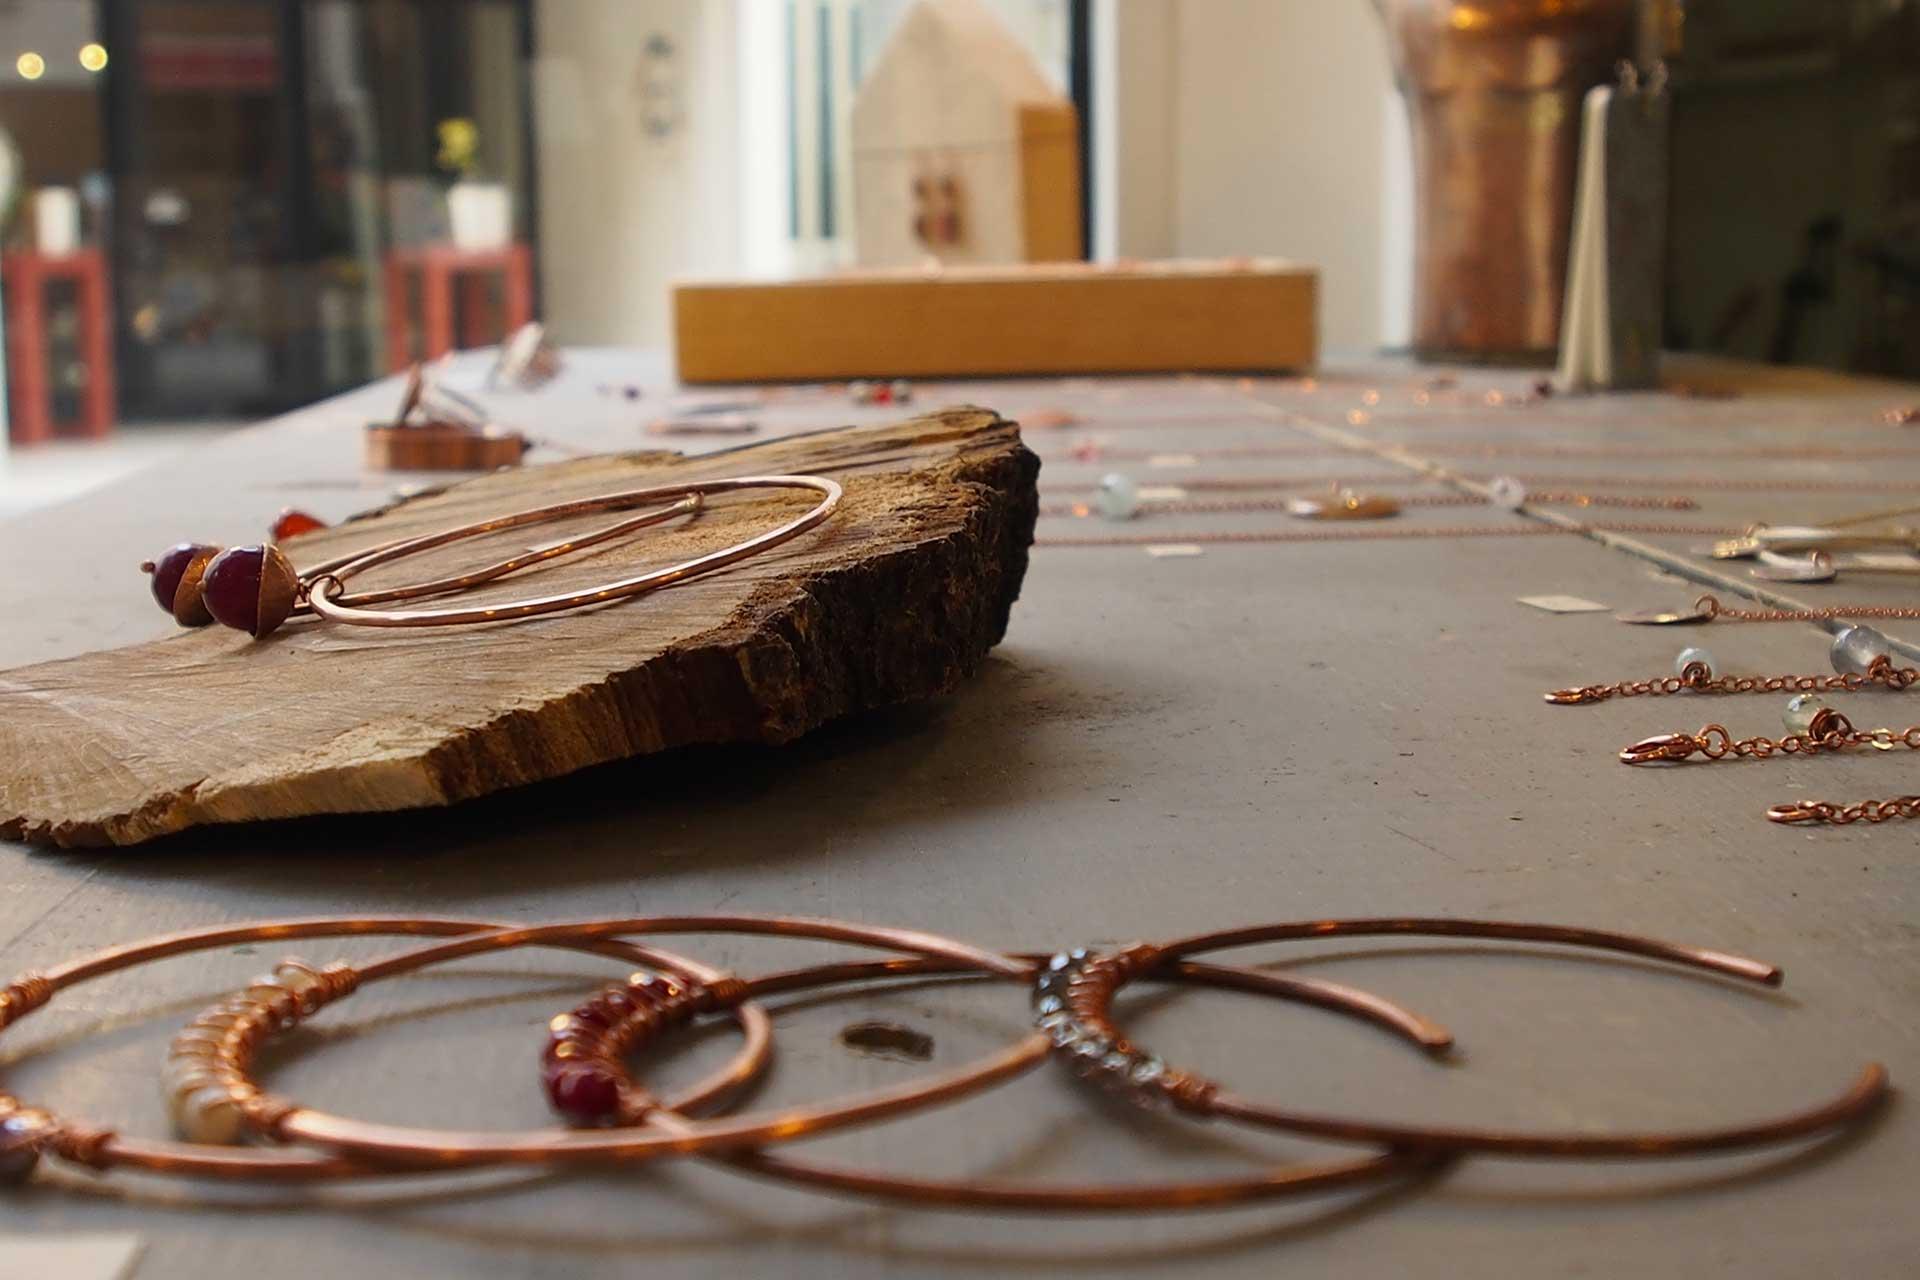 eco bijoux da artefatti, a forli